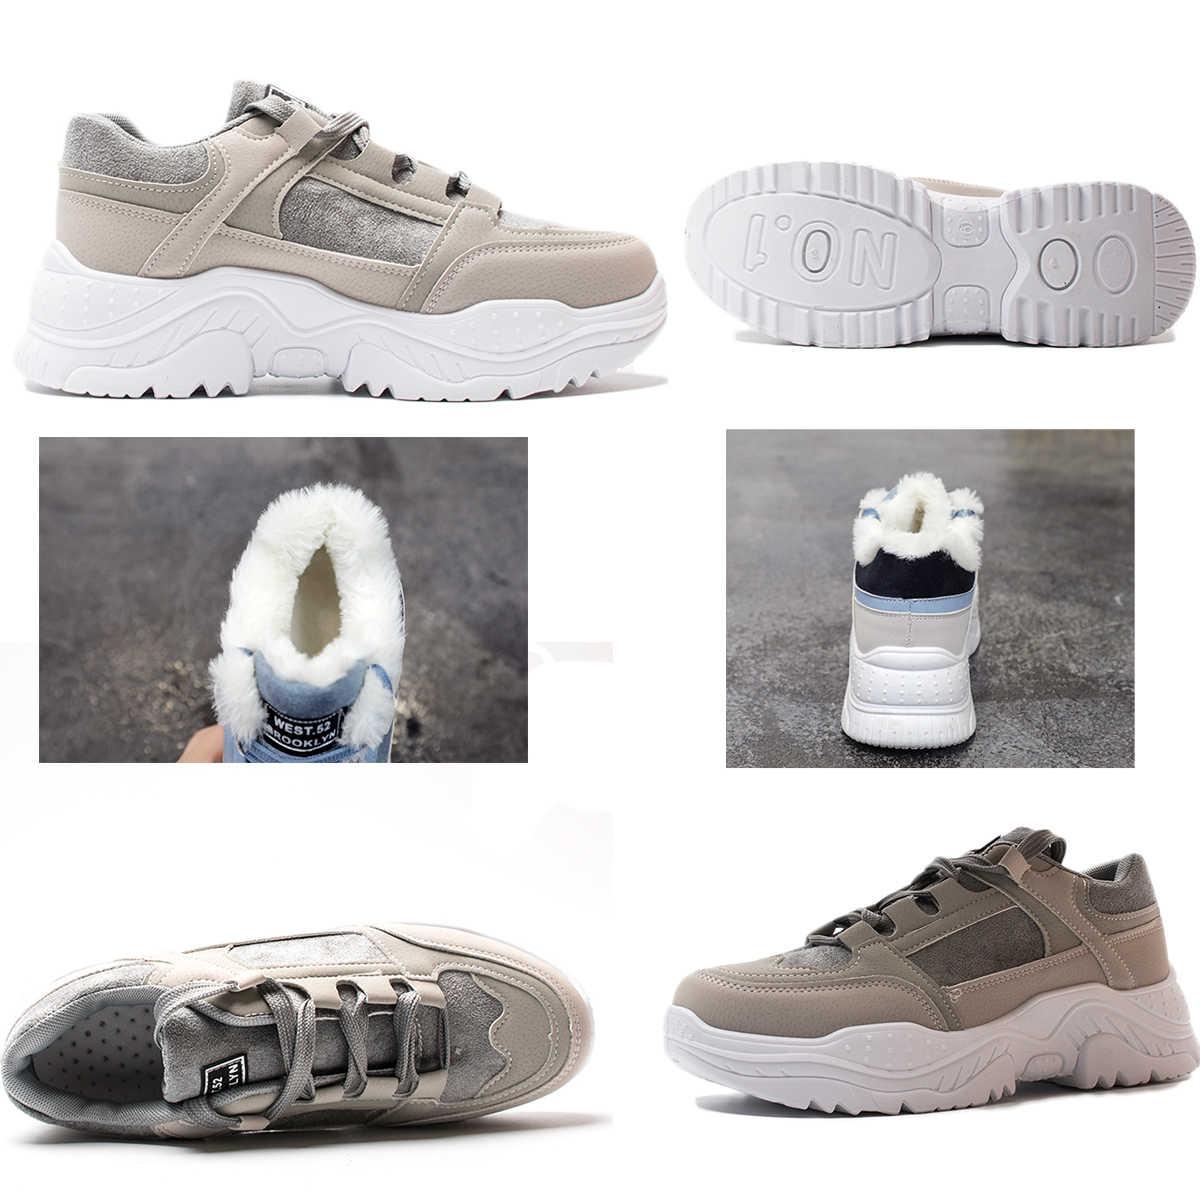 FUJIN Nữ Giày Thể Thao Mùa Đông Sneaker Thoáng Mát Cho Nữ Giày Nữ Mùa Hè Comrfortable Nền Tảng Ủng Giày Nữ